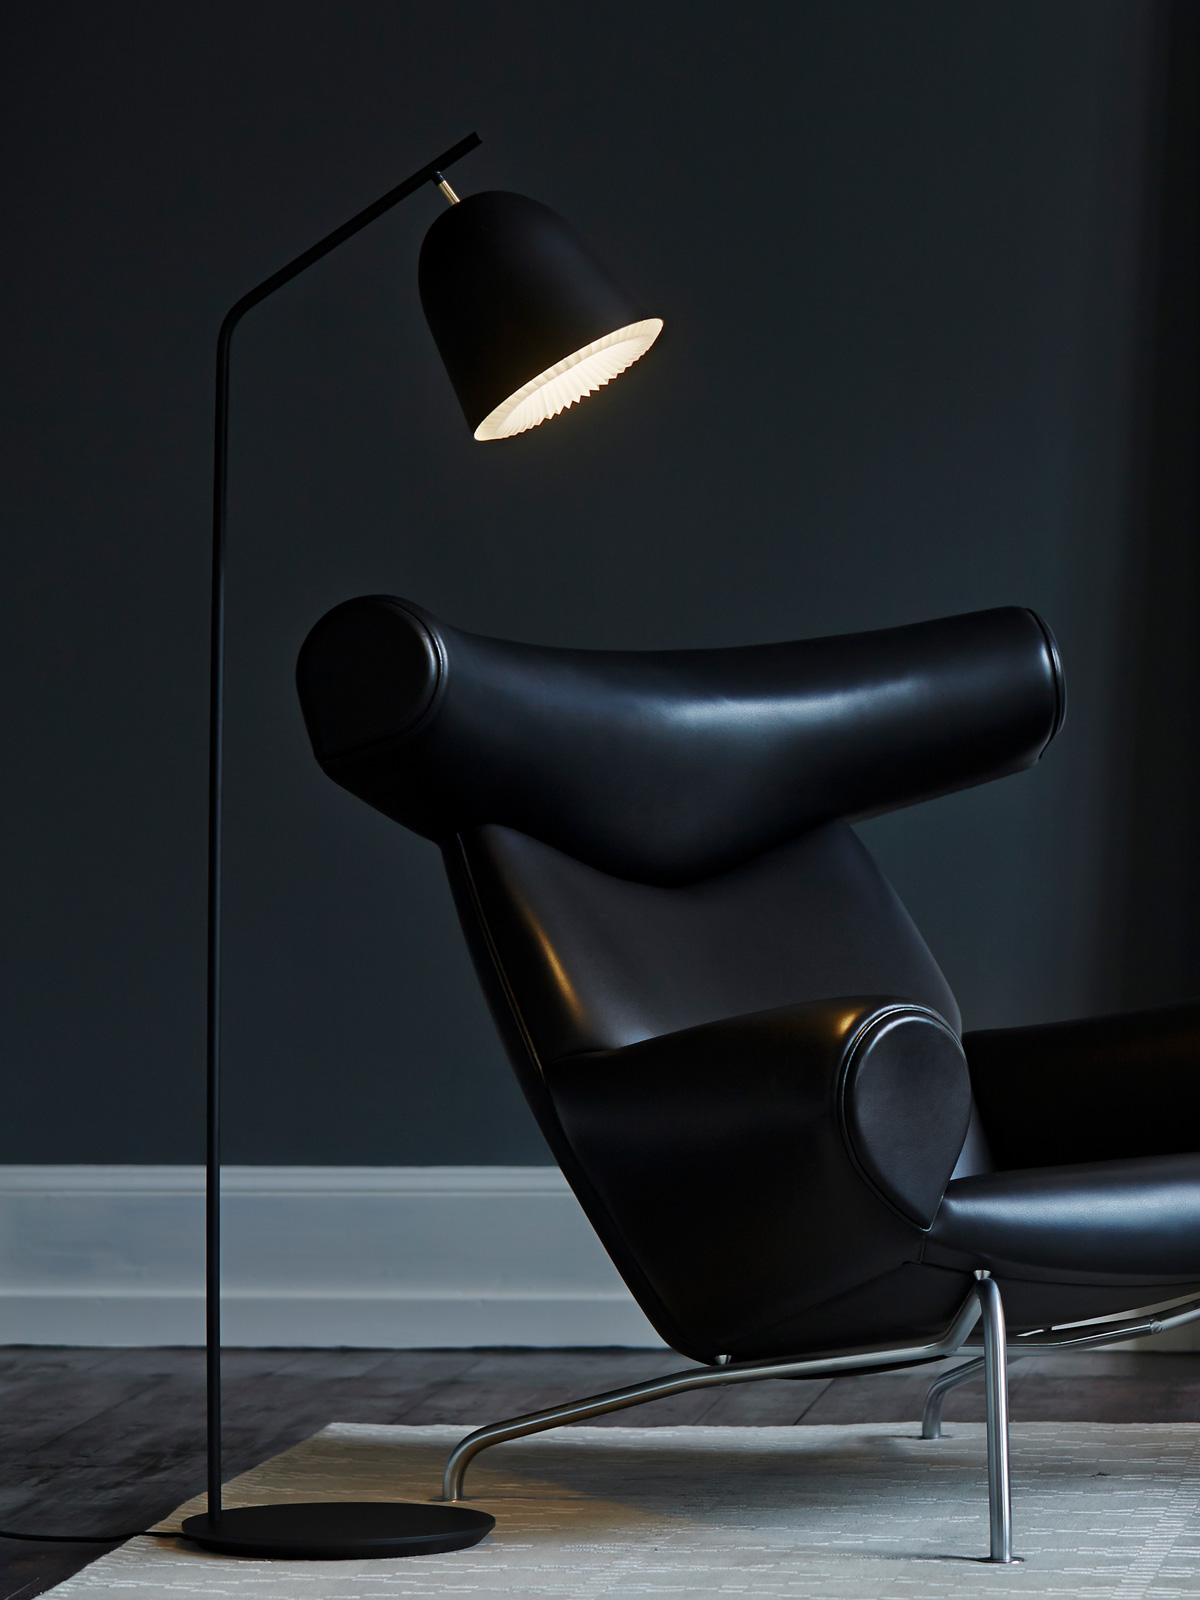 DesignOrt Blog: Best of DesignOrt Wohnideen Caché Floor Stehleuchte von Le Klint DesignORt Onlineshop Lampenladen Berlin